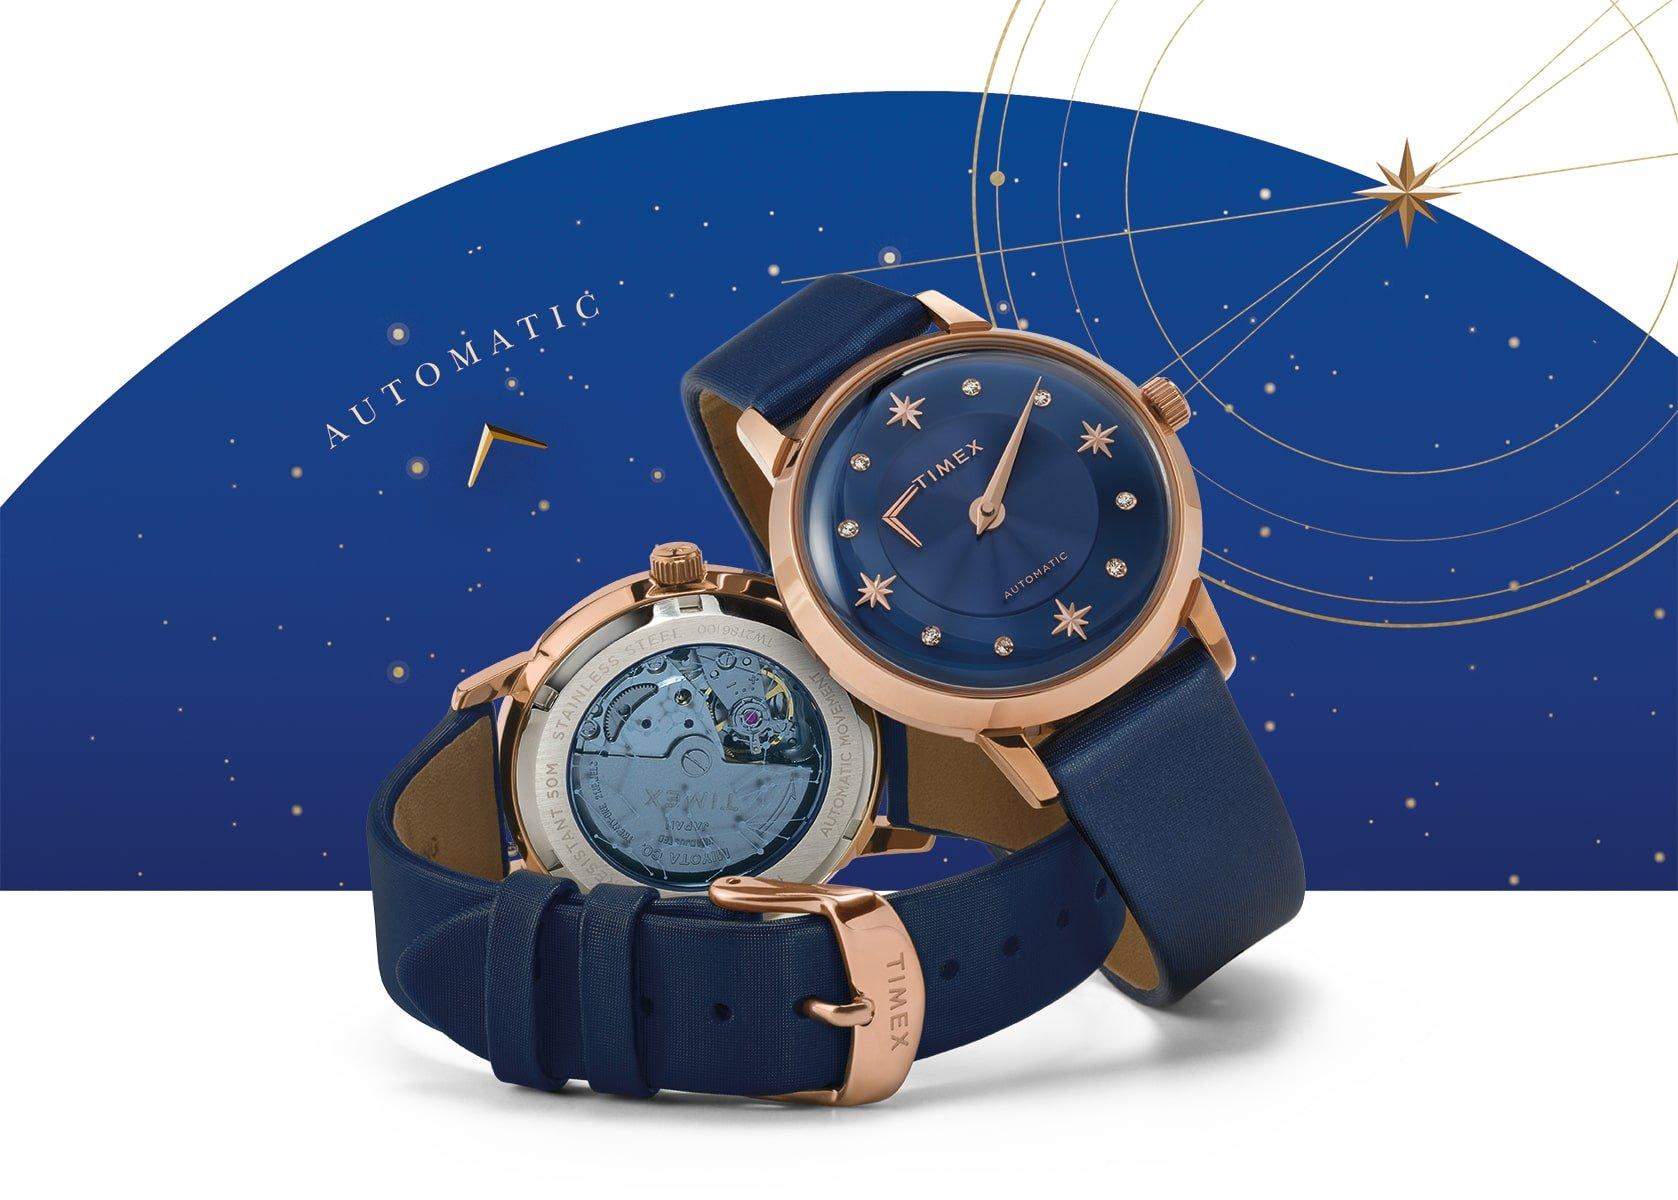 Zegarek Timex inspirowany gwiazdami